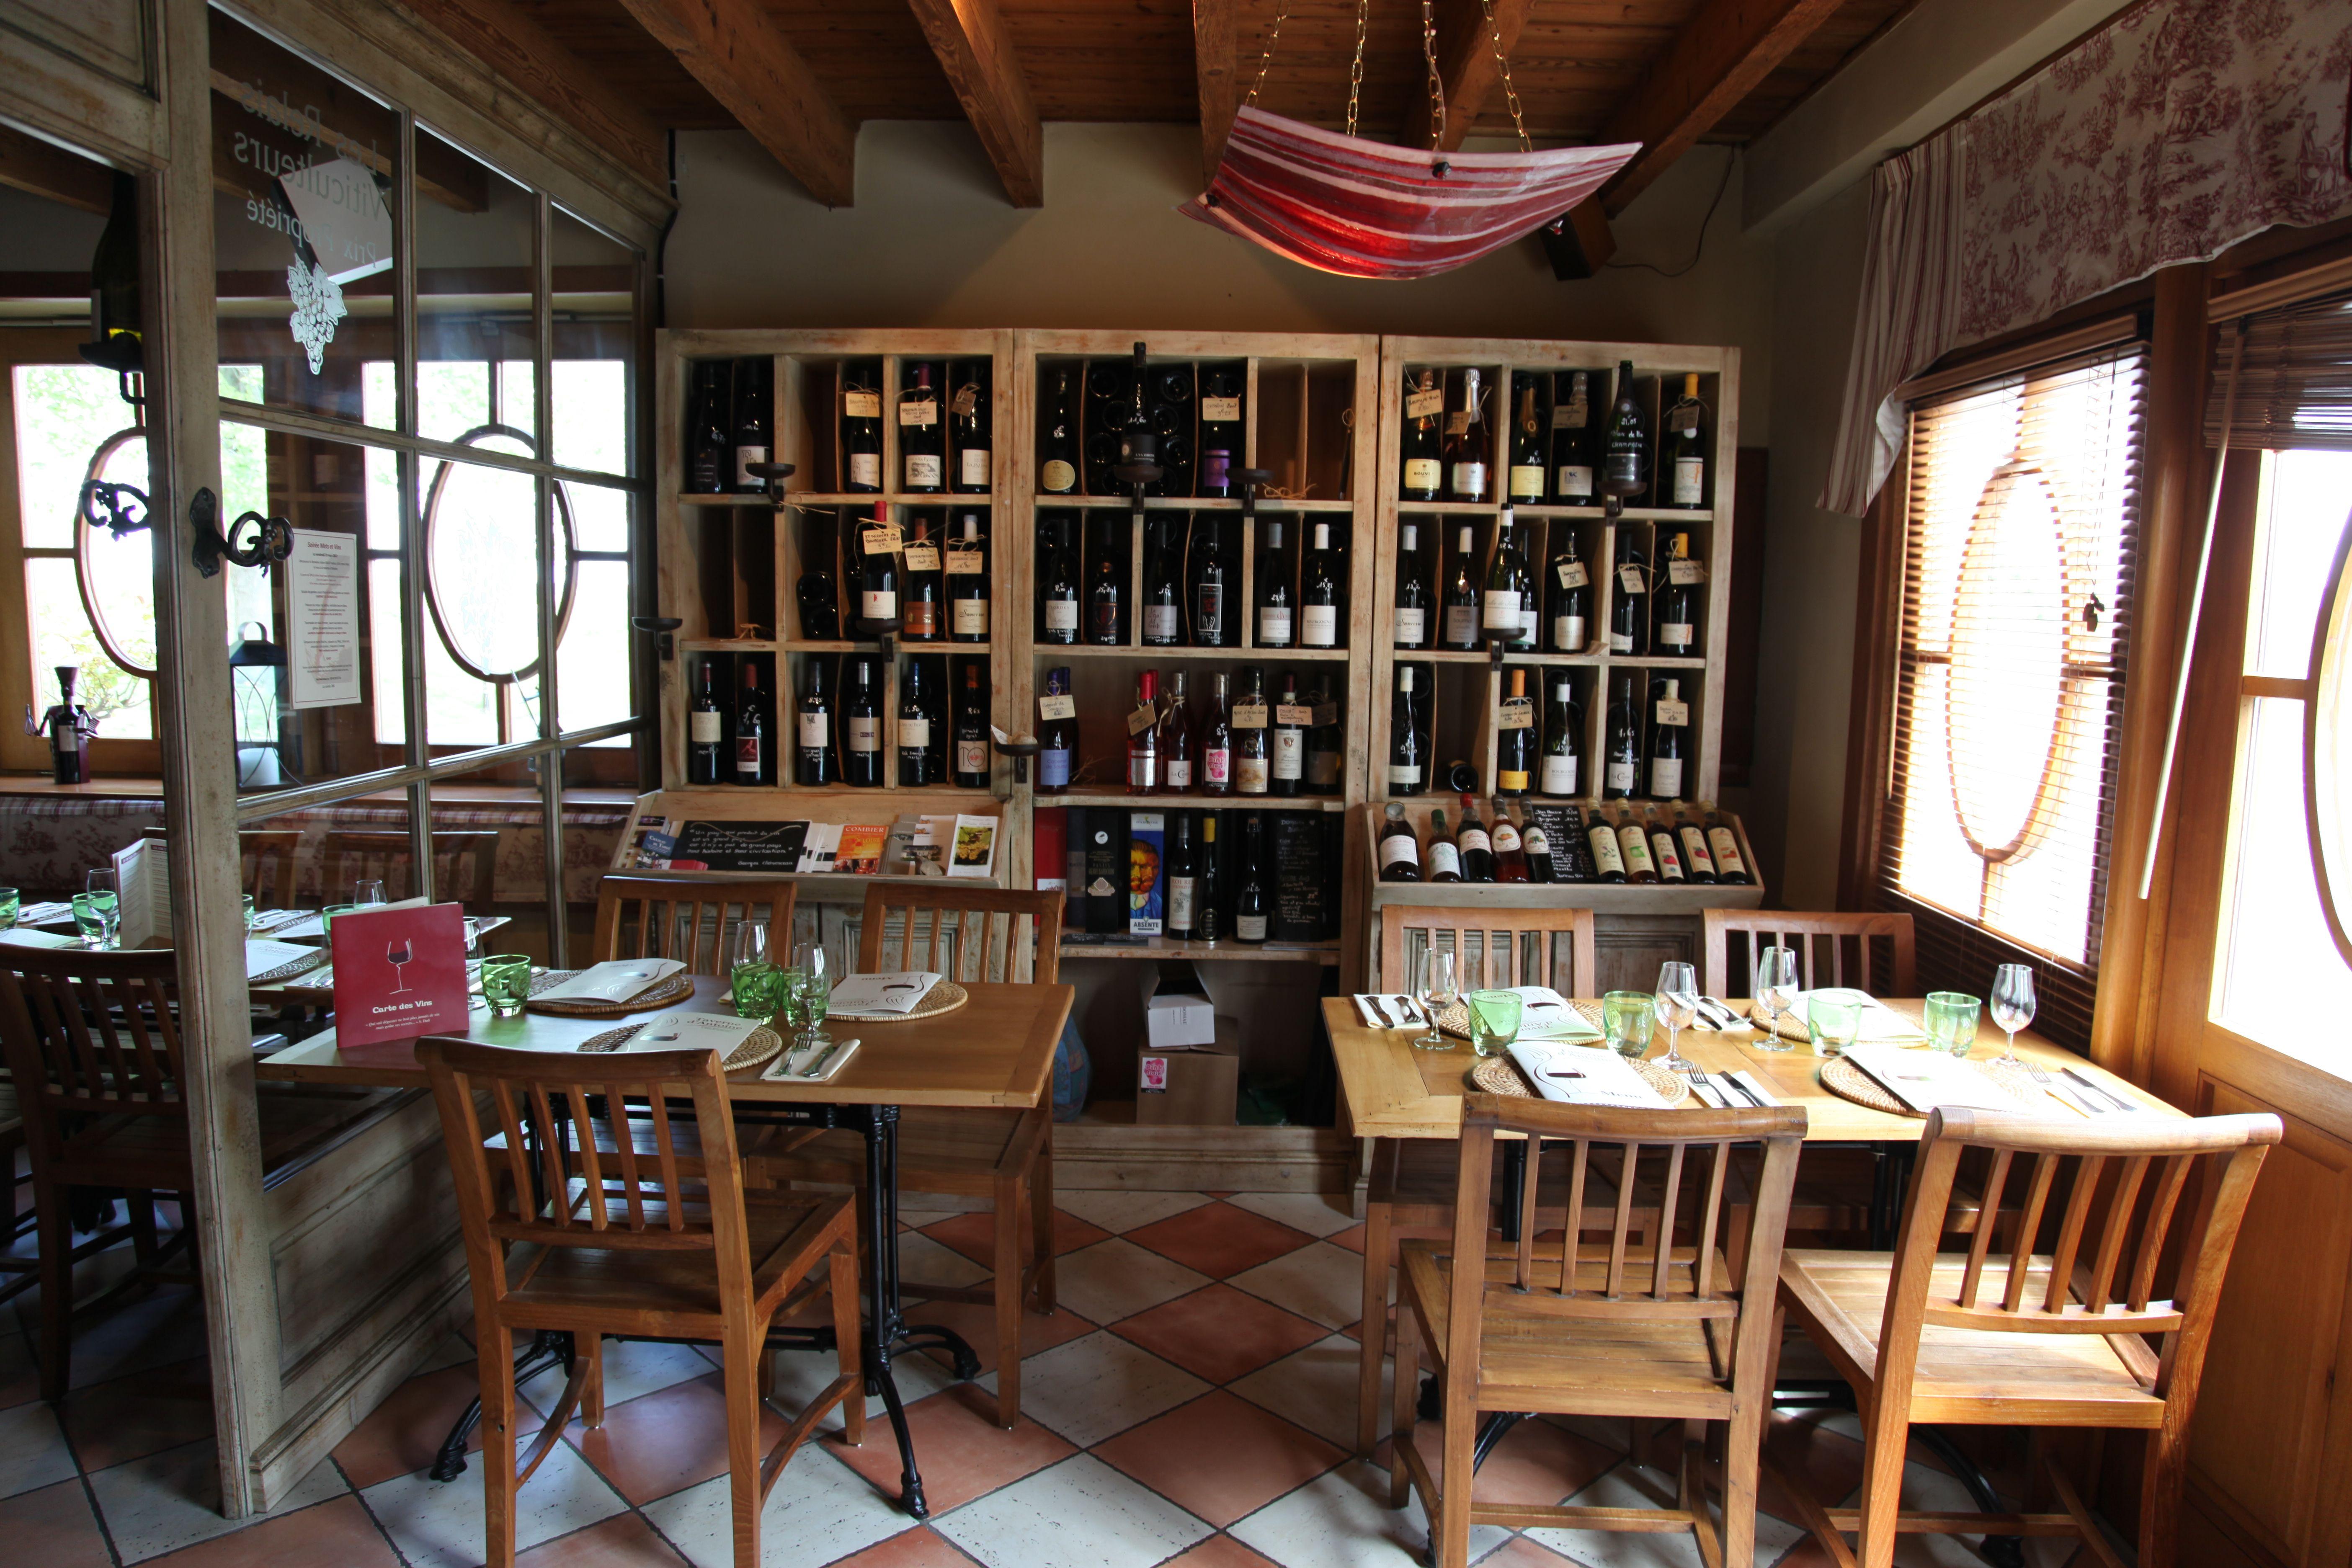 Une des Tables où vont se restaurer nos 6 heureux élus retenus pour la #loireauxtresors pendant les 3 jours de l'aventure. www.laloireauxtresors.com